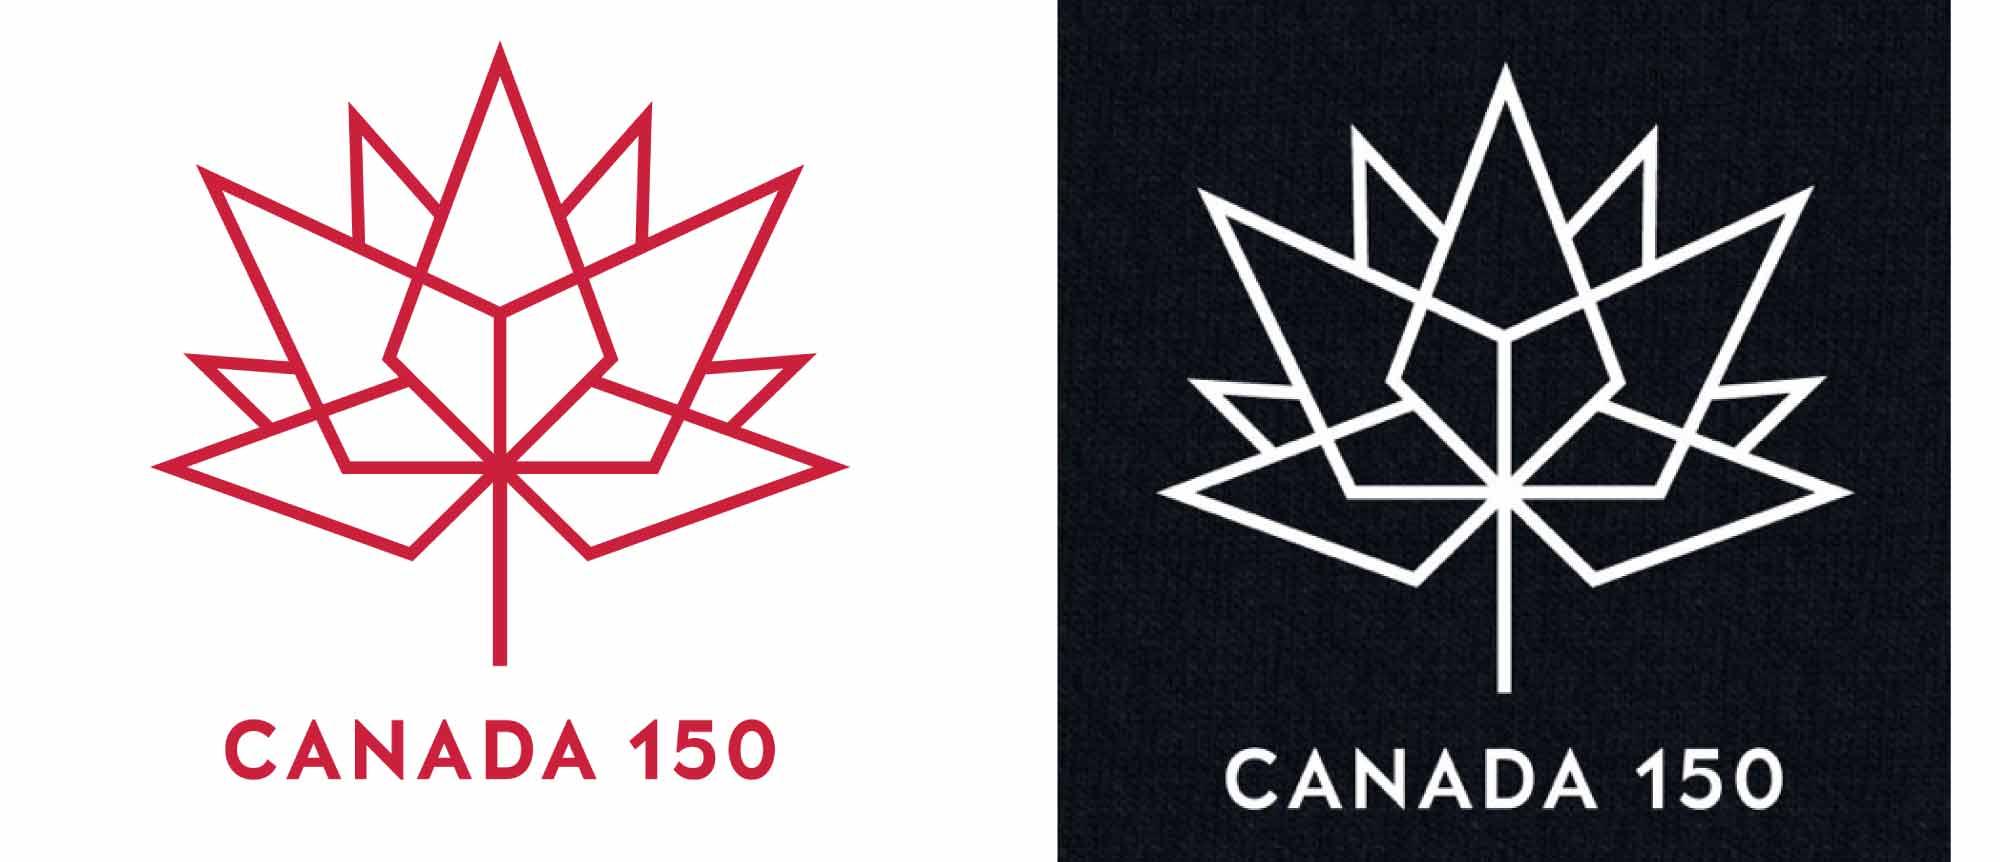 Nuevo logo de Canadá